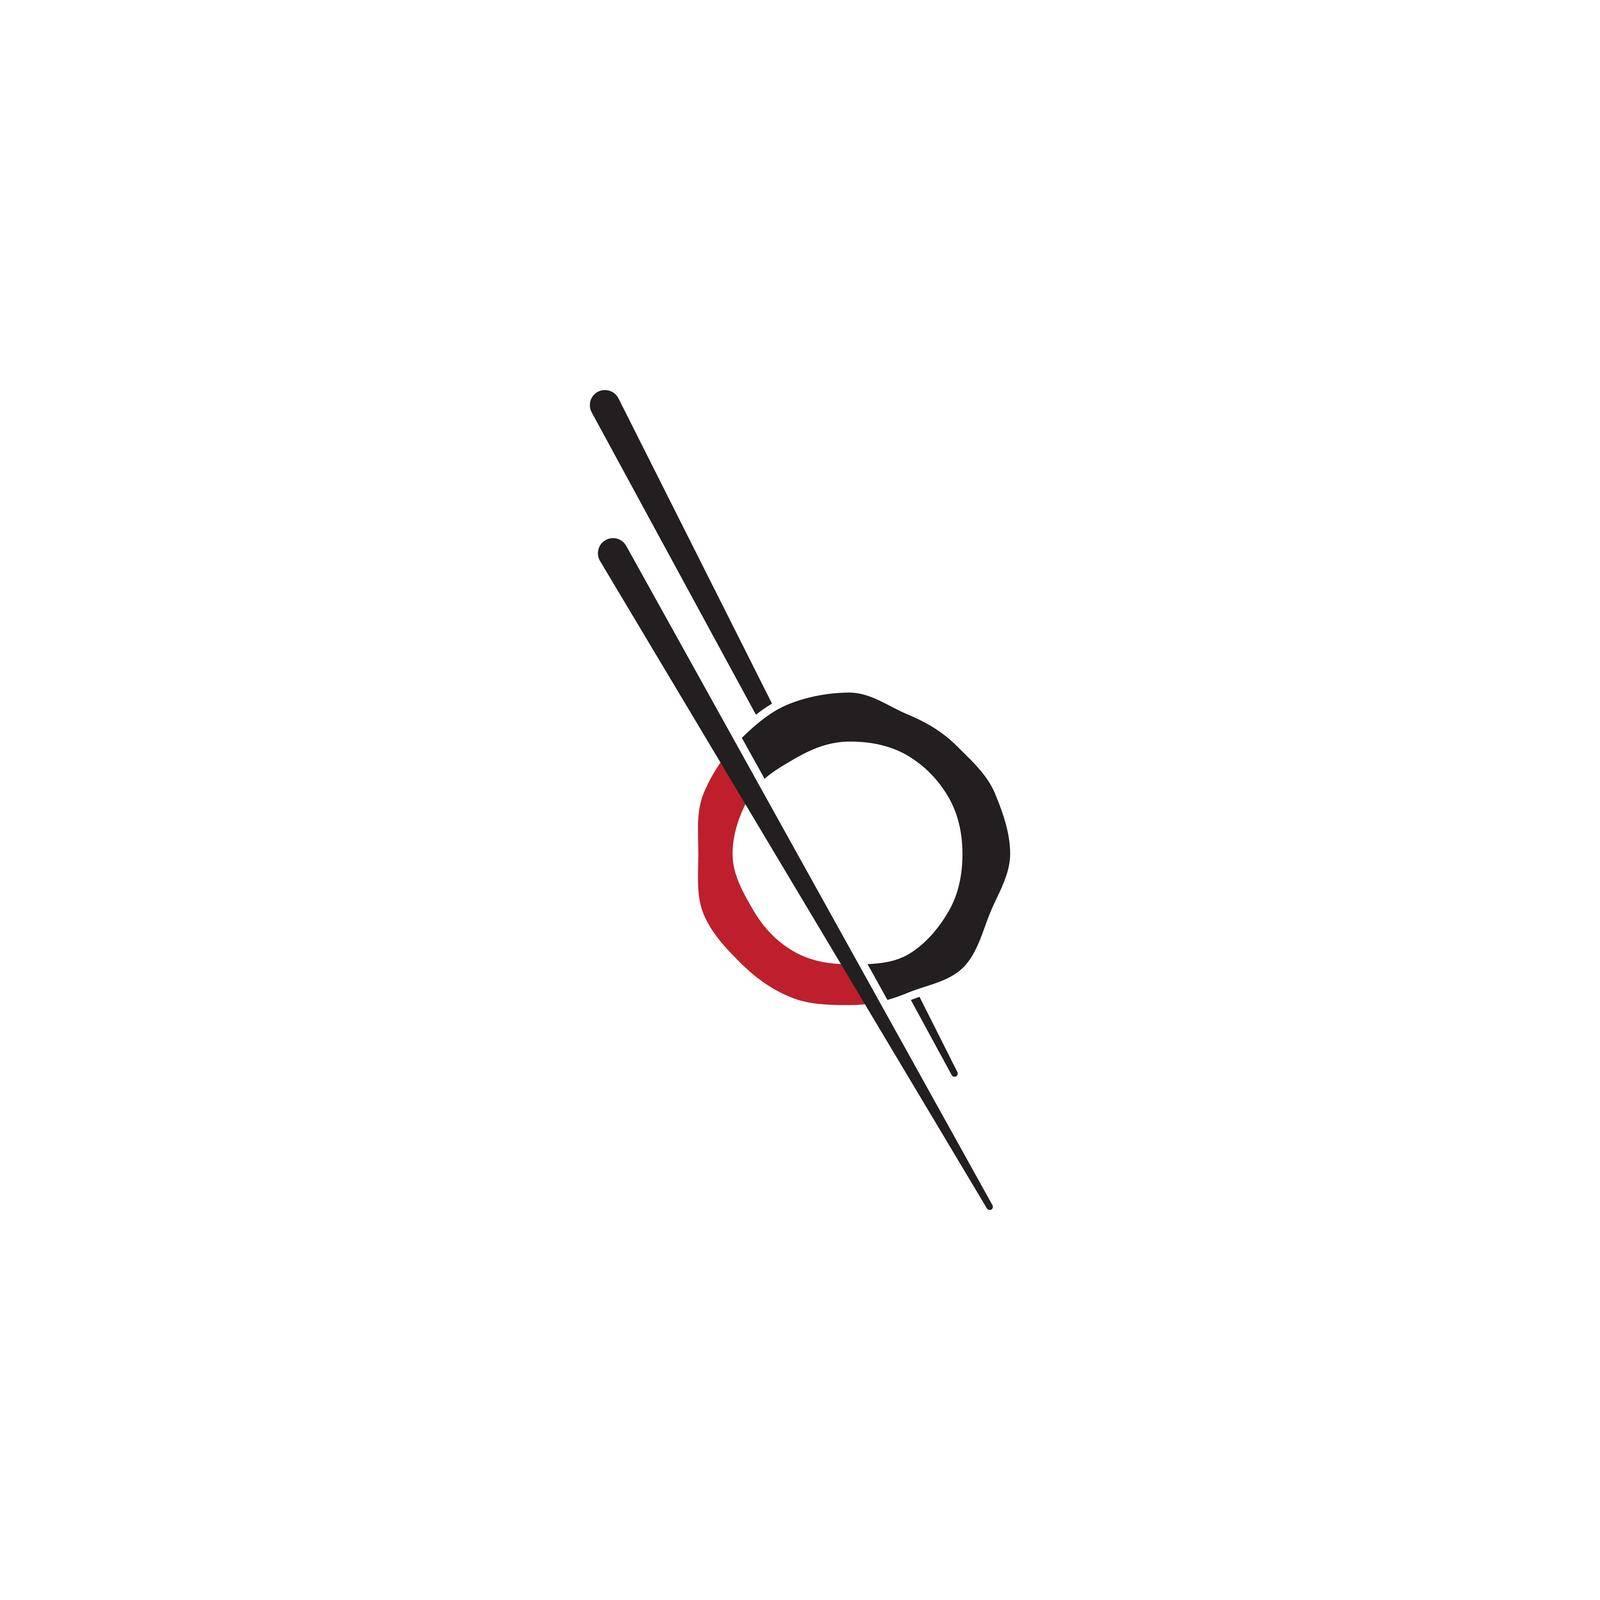 Sushi modern restaurant logo design